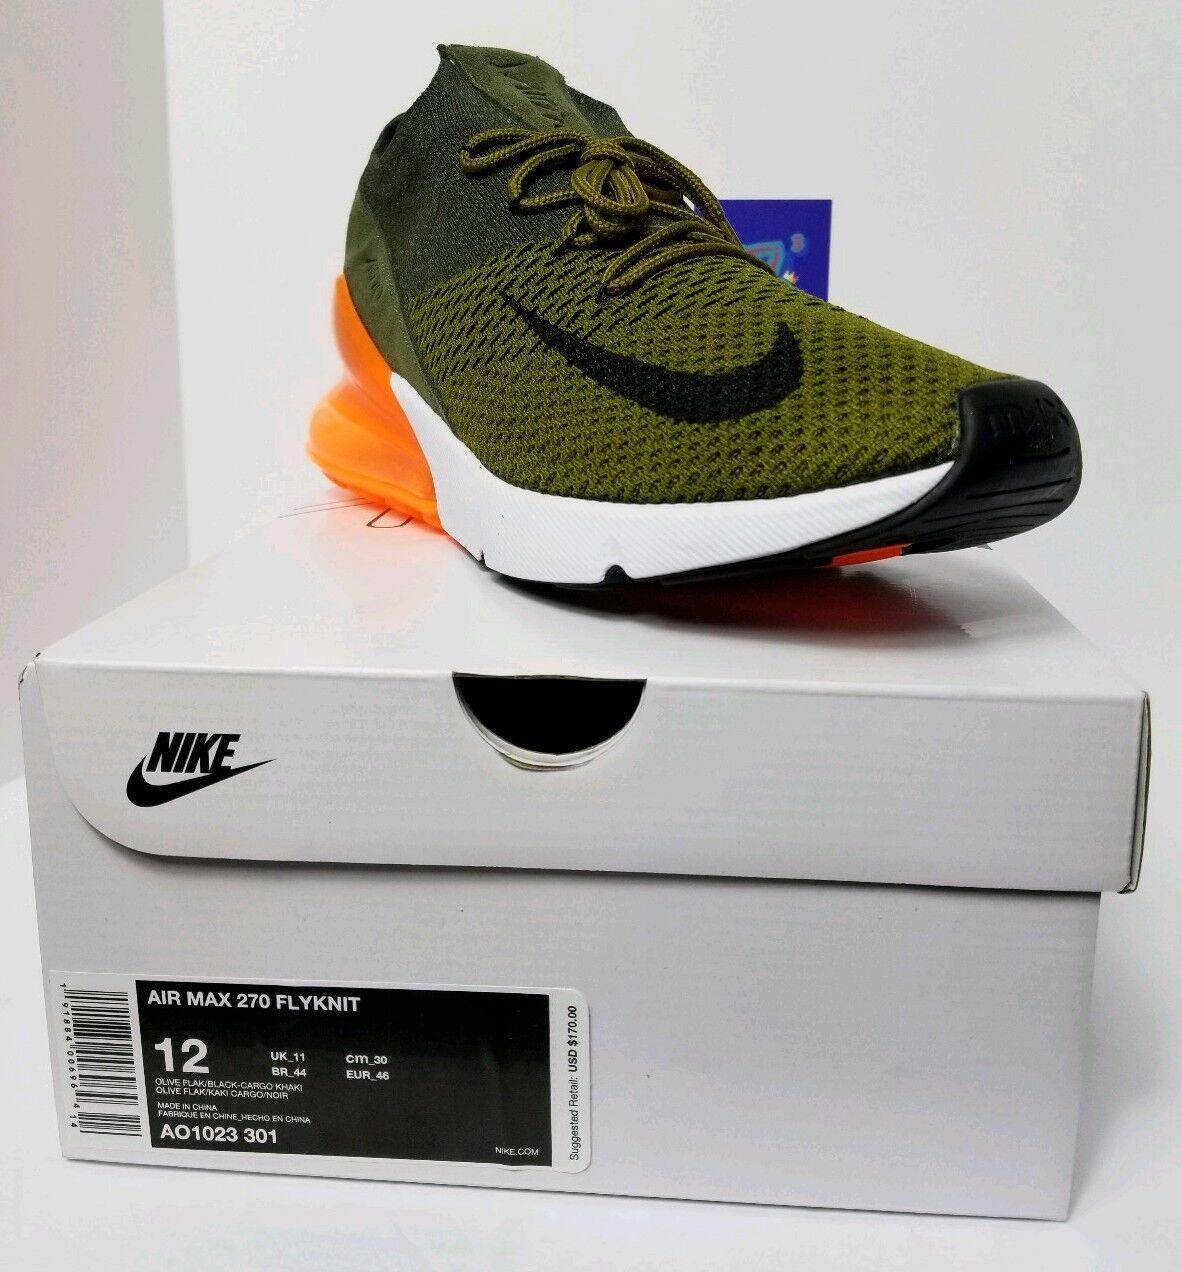 buy popular 75271 e09f5 Nike air max 270 uomini verde flyknit ao1023-301 taglia 12 verde uomini  arancione f5b8dc ...